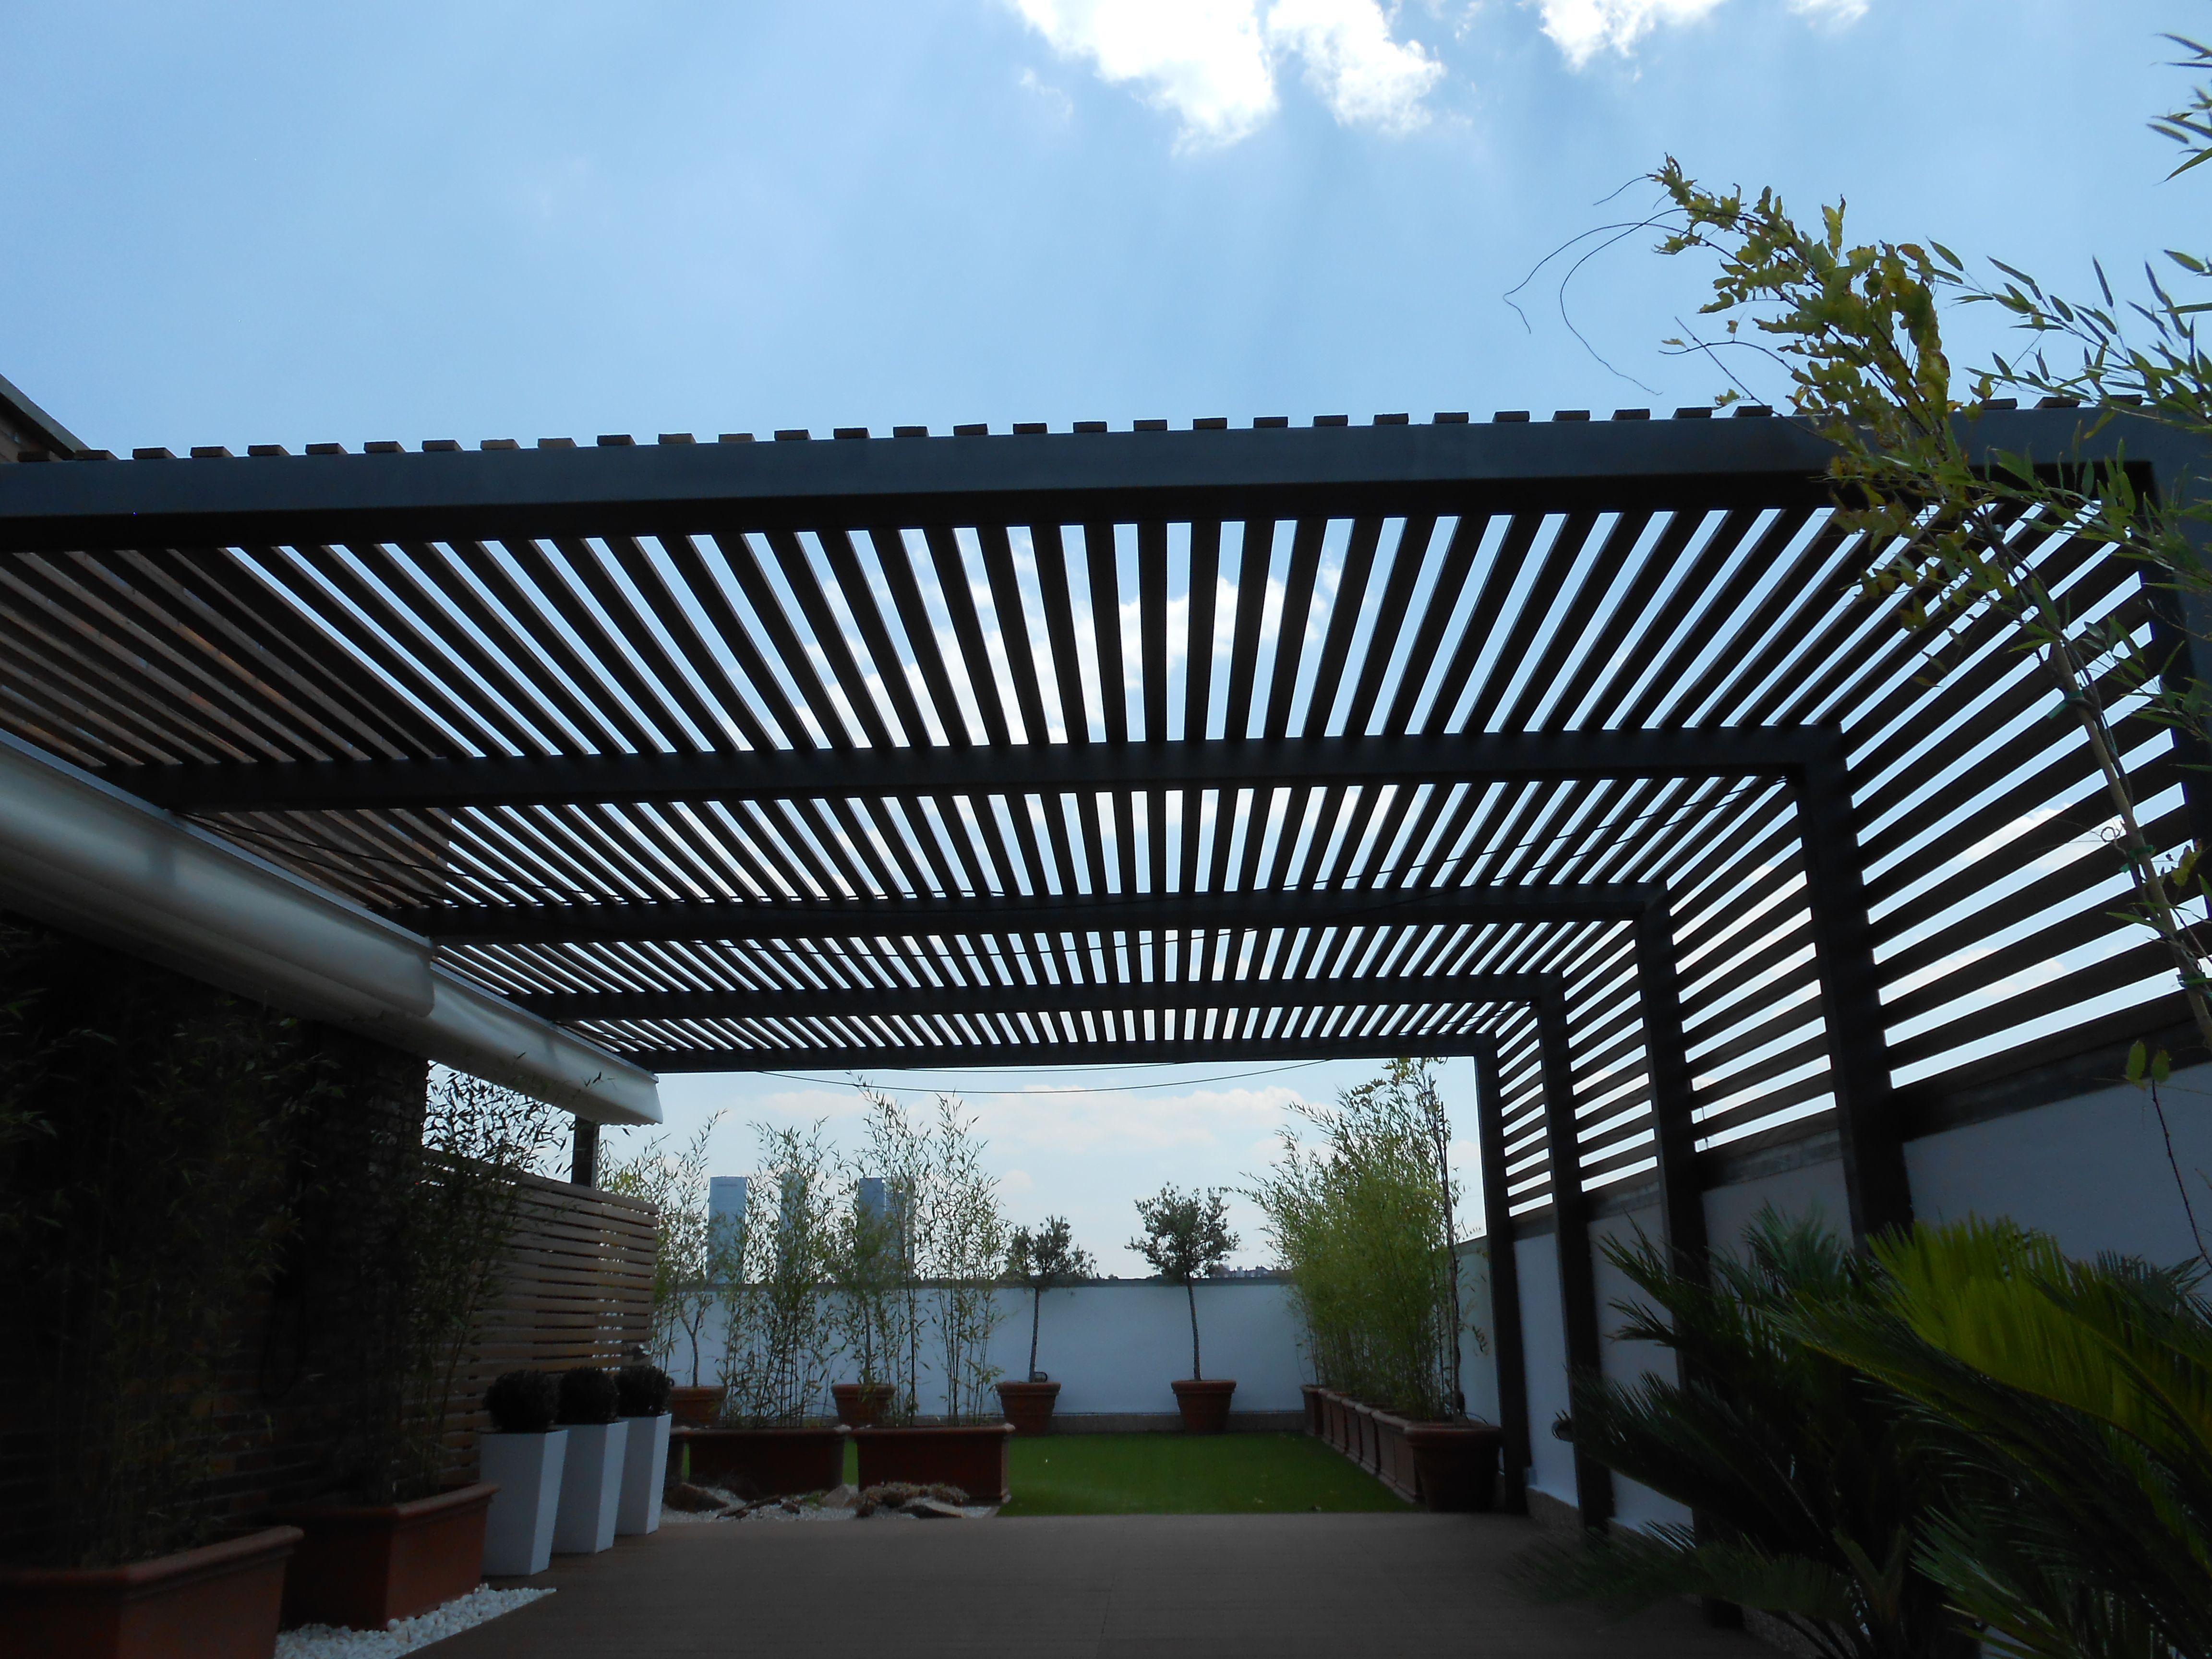 Pergola de hierro y madera desi o moderno pergolados en for Cobertizo de jardin moderno de techo plano